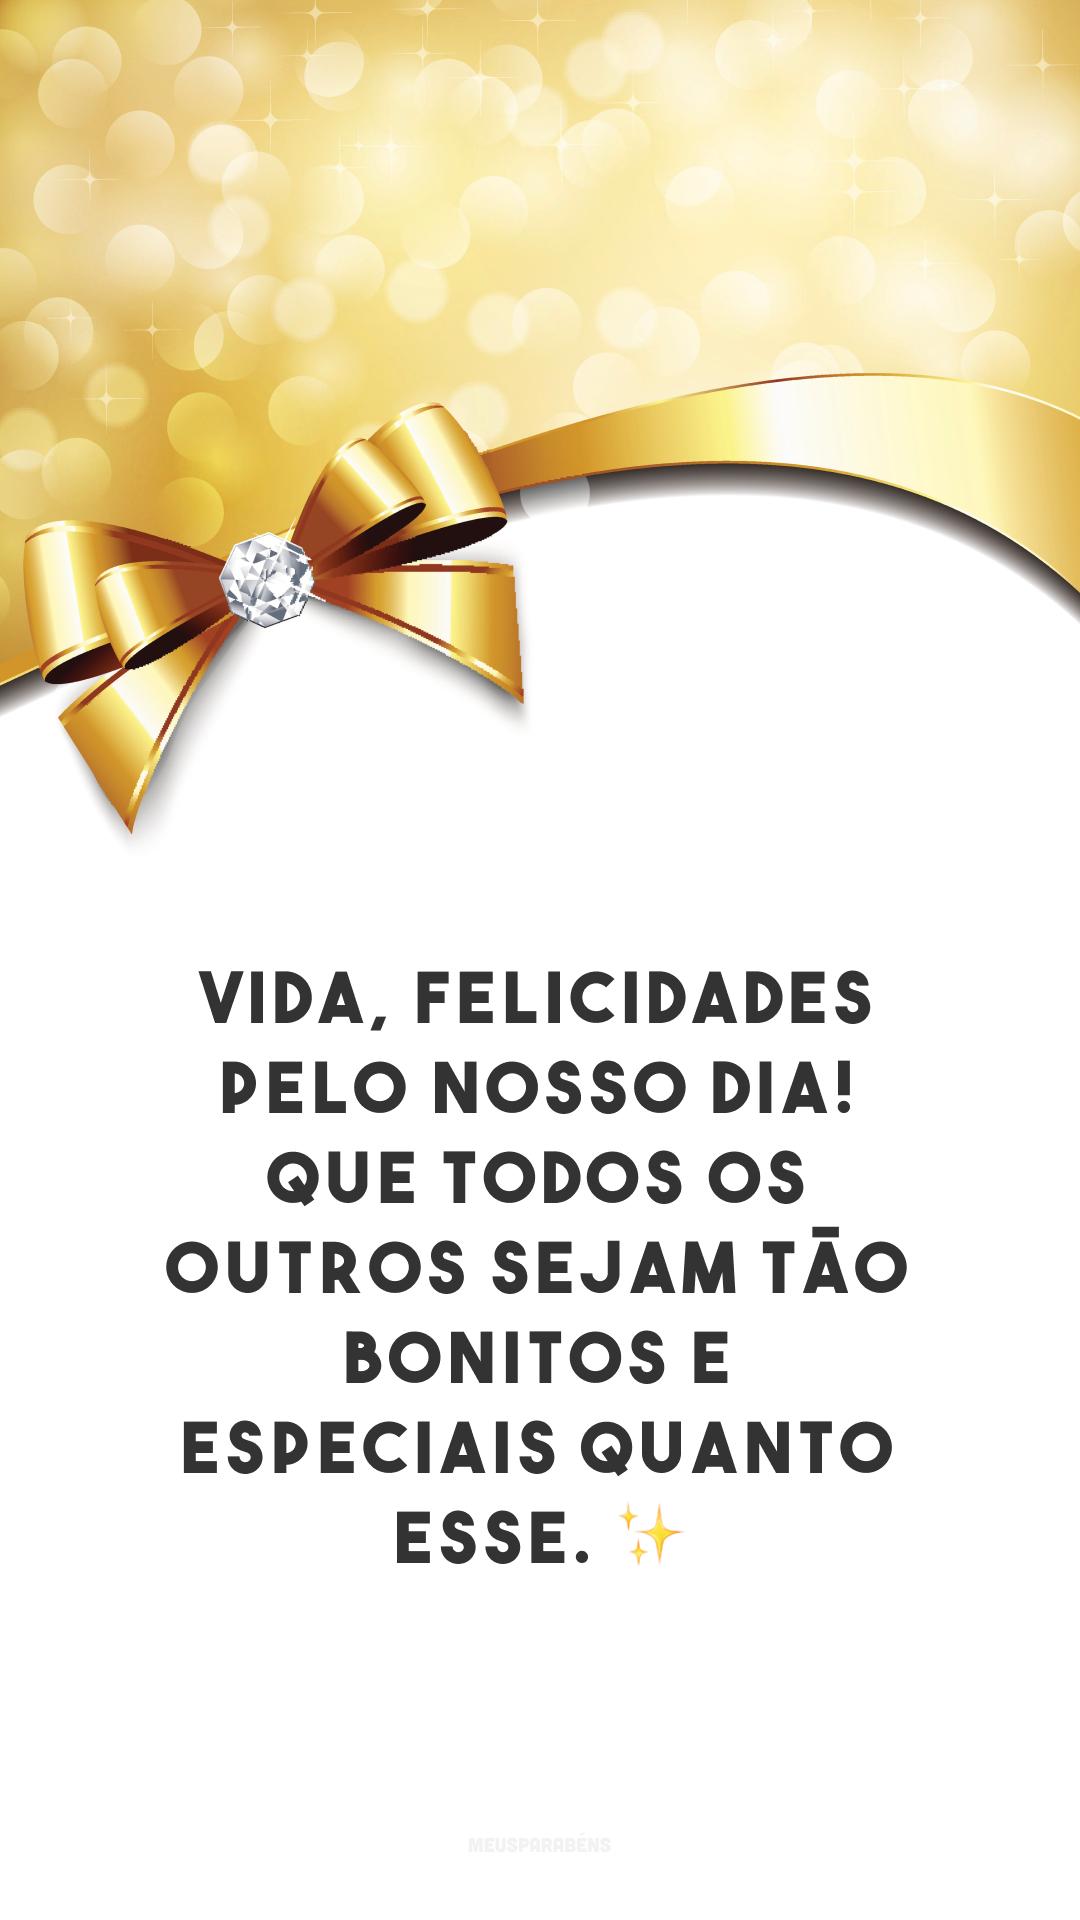 Vida, felicidades pelo nosso dia! Que todos os outros sejam tão bonitos e especiais quanto esse. ✨